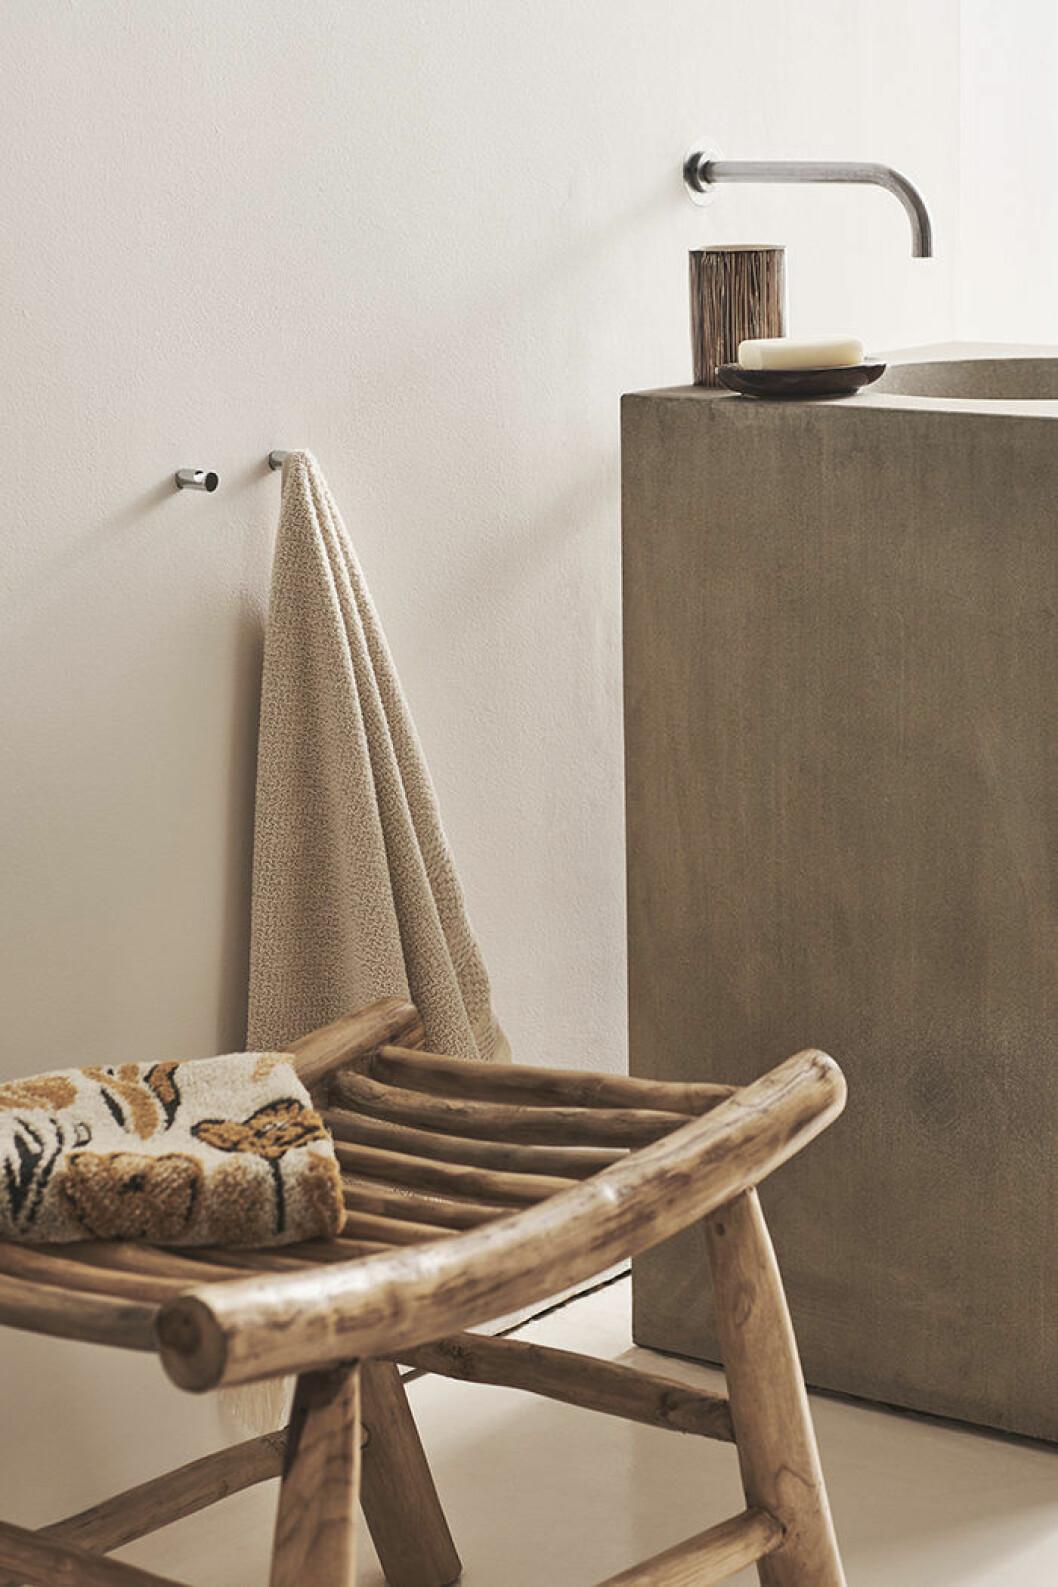 Detaljer till badrummet från Zara Home